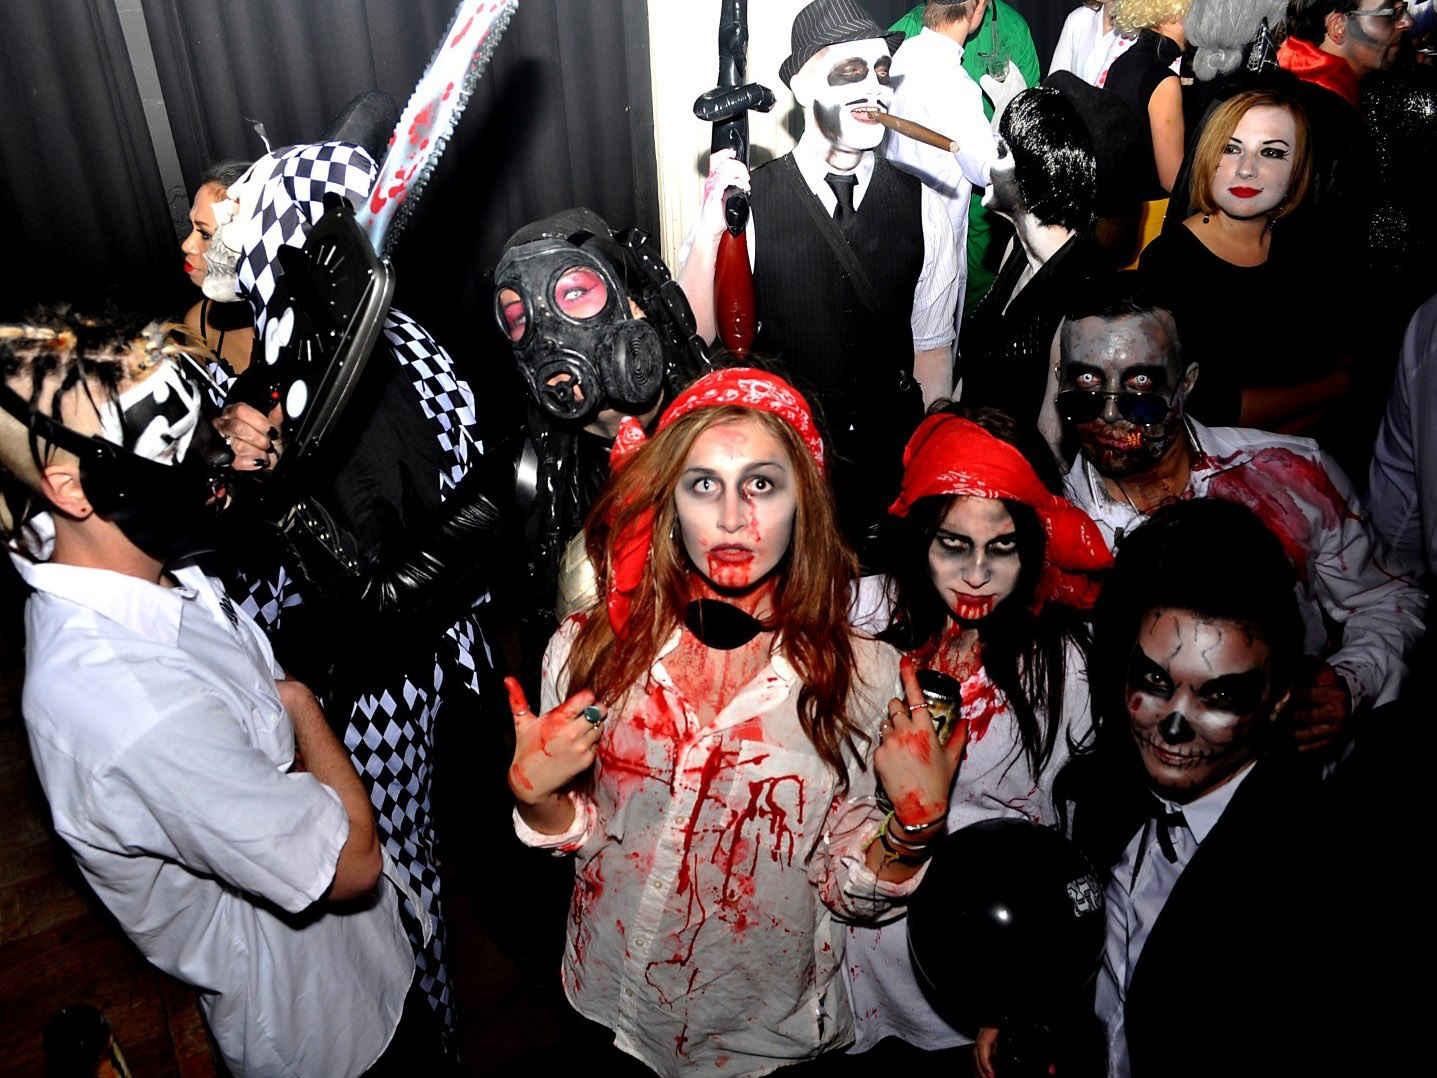 На хэллоуине выступят ведущие музыкальные коллективы этого направления: погрузитесь в ретро-атмосферу песен х годов прошлого века вместе с проектом discoteka 90 от yotaspace.